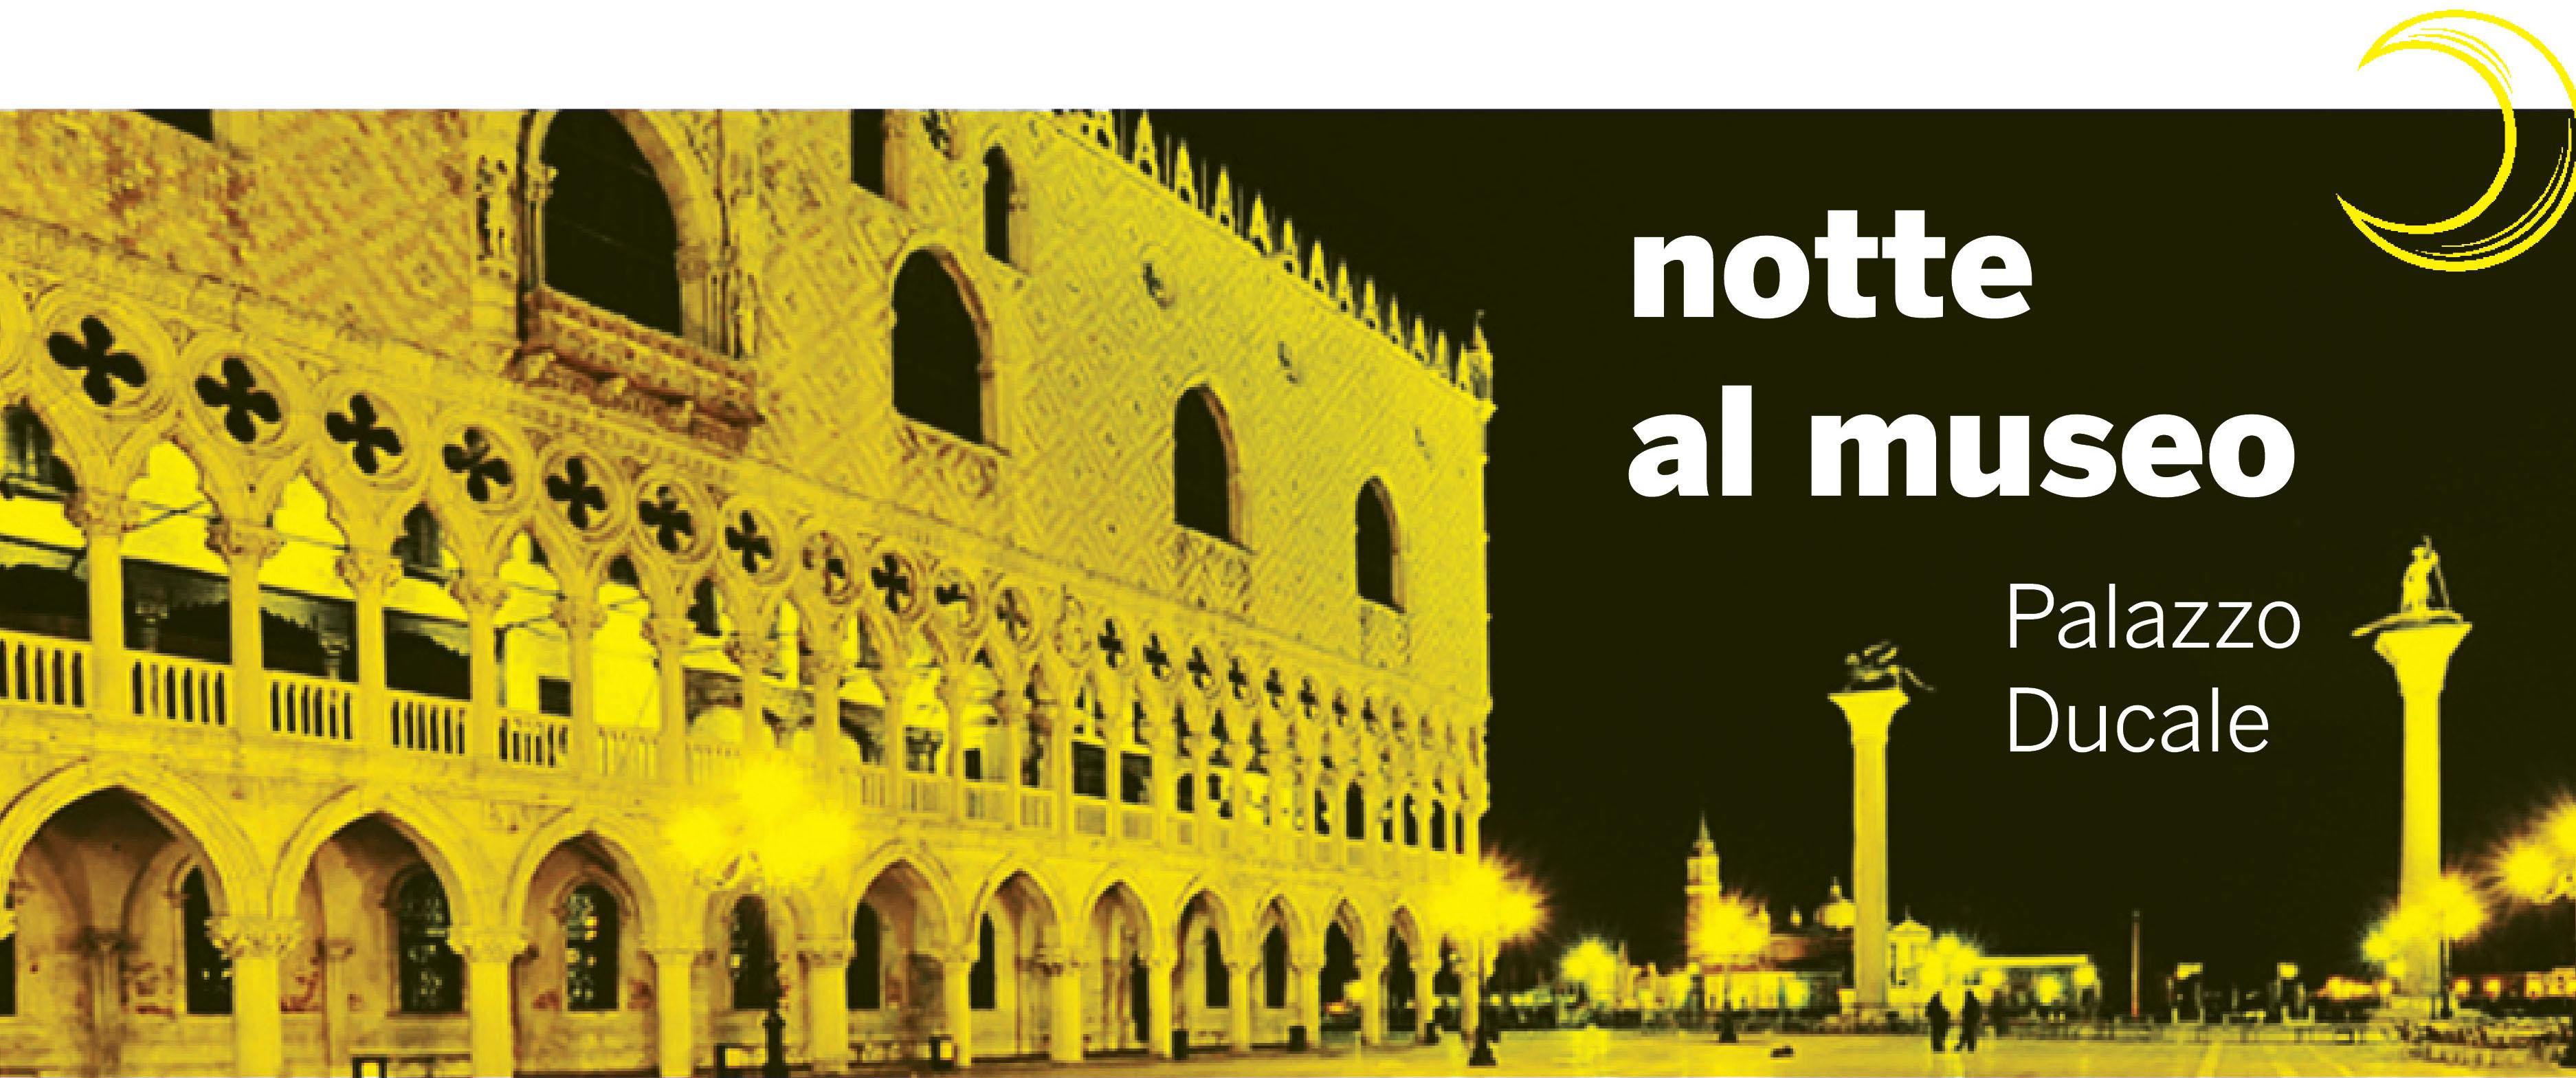 notte-al-museo-grafiche4